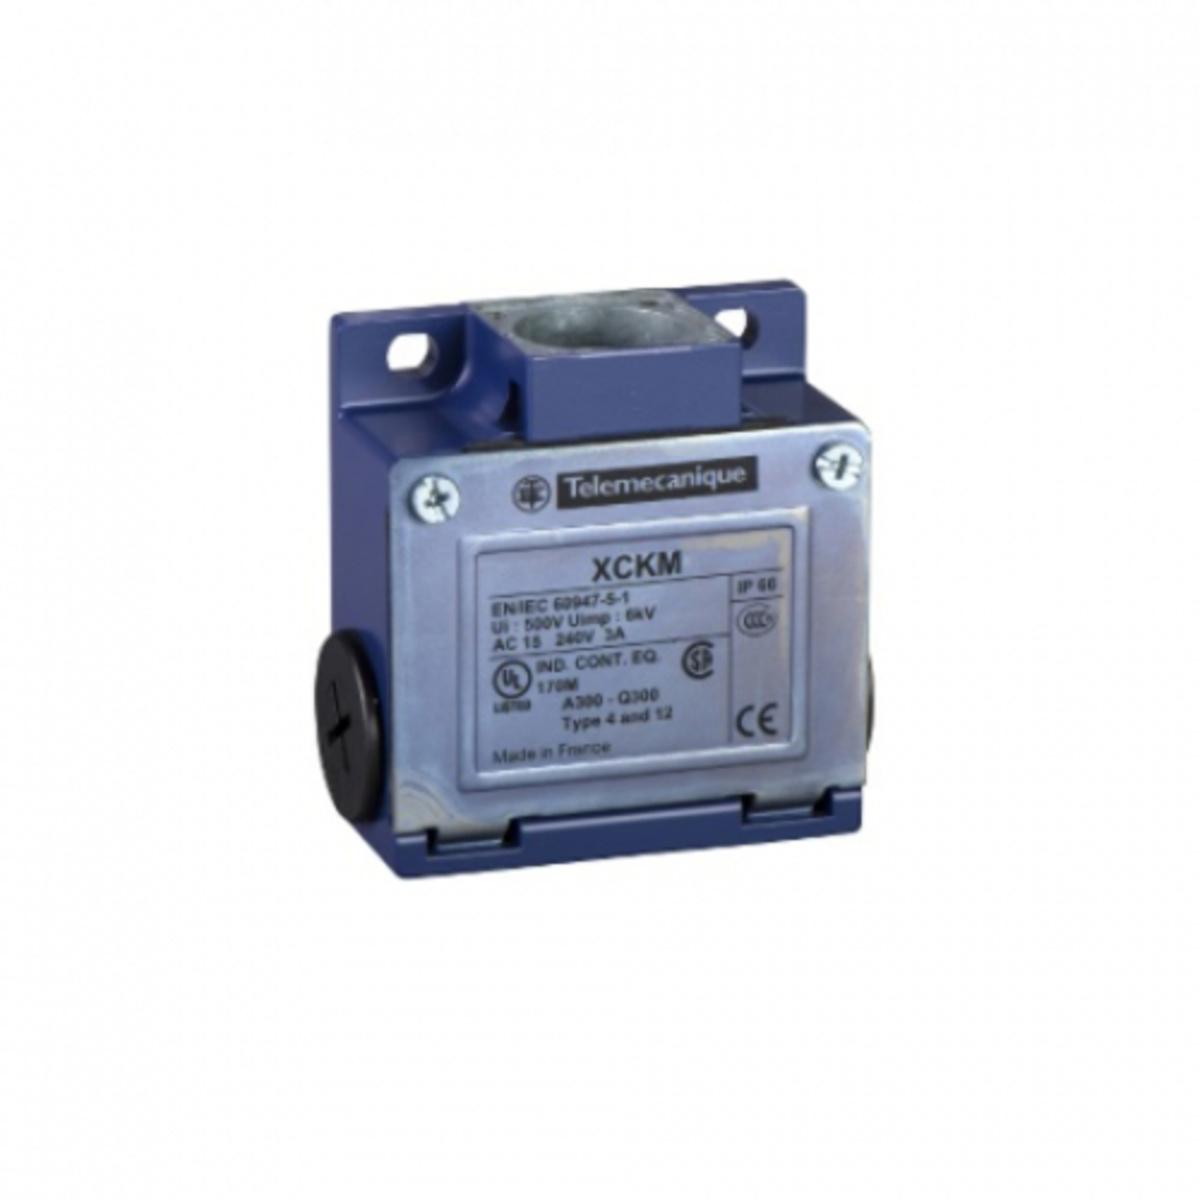 Eletriza - Eletriza Materiais Elétricos, Hidráulicos e Automação Industrial - FIM DE CURSO NA+NF SEM CABECOTE ZCKM1 TELEMECANIQUE